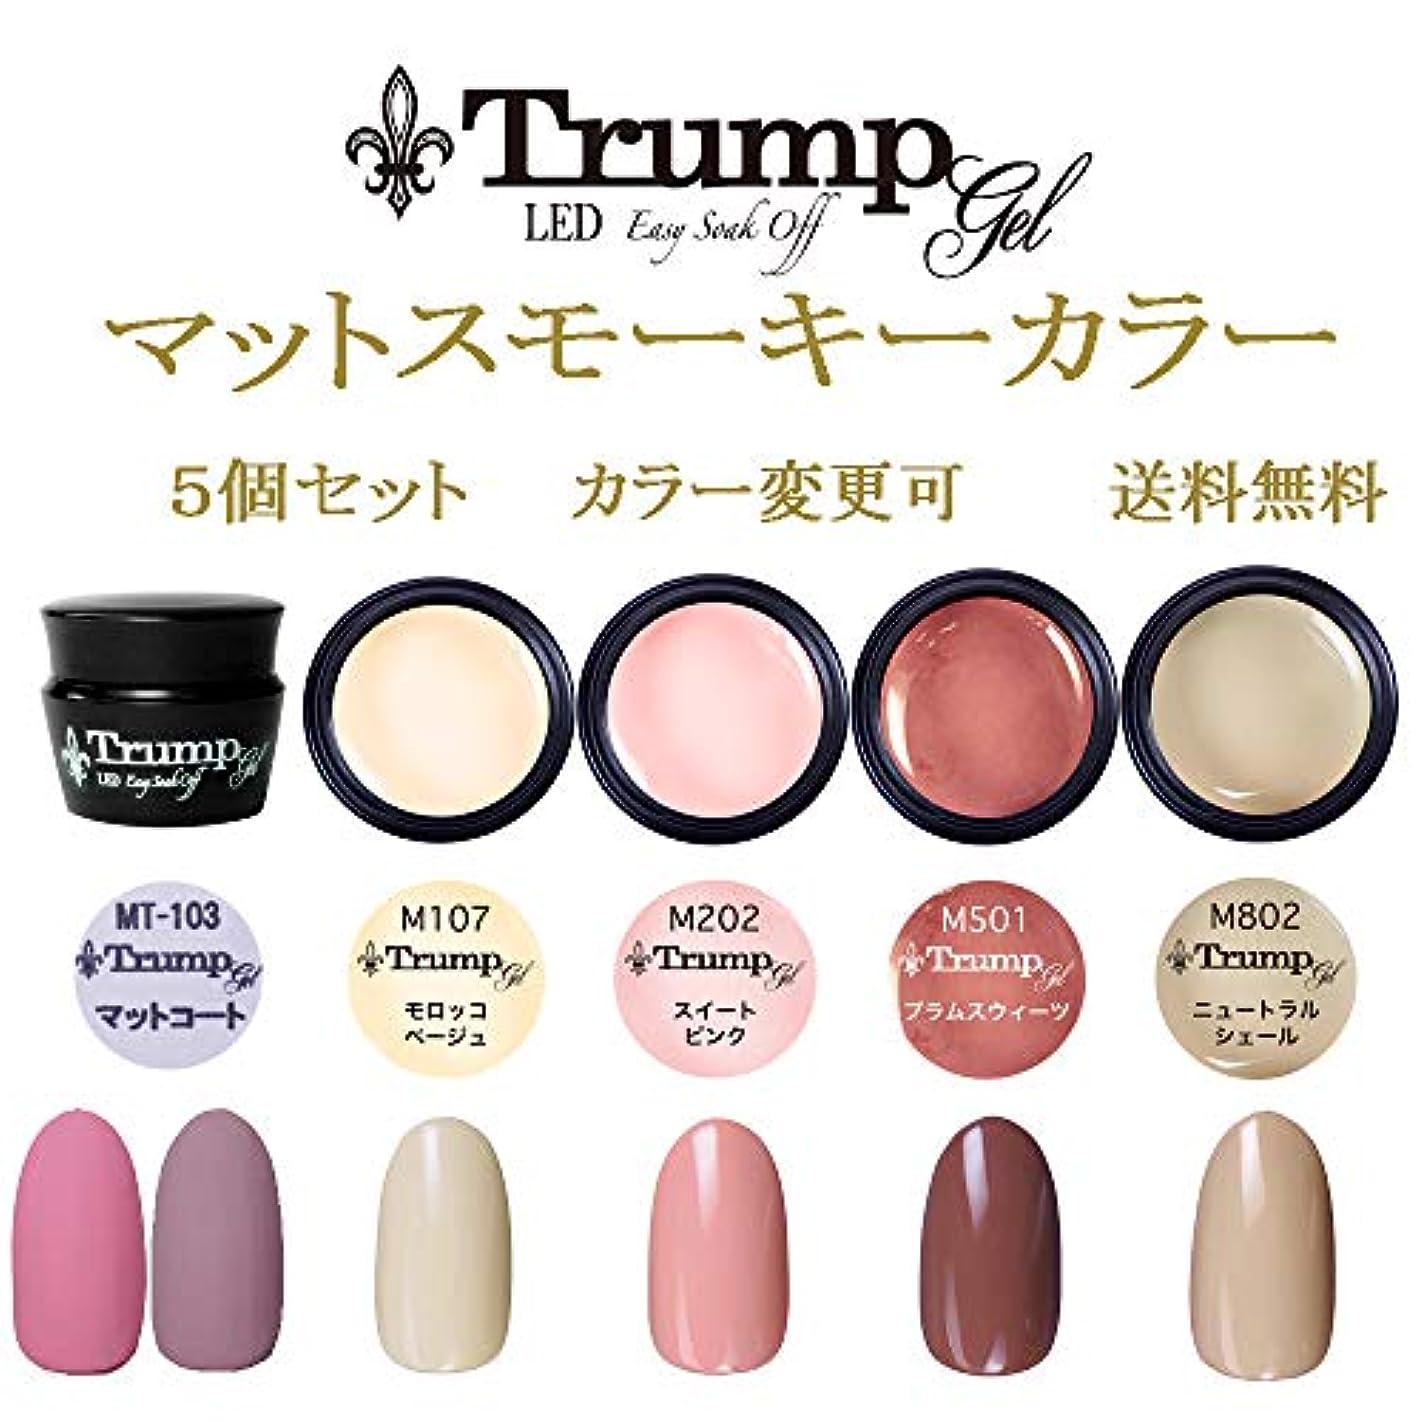 完璧な病んでいるゴール【送料無料】日本製 Trump gel トランプジェル マットスモーキー カラージェル 5個セット 魅惑のフロストマットトップとマットに合う人気カラーをチョイス